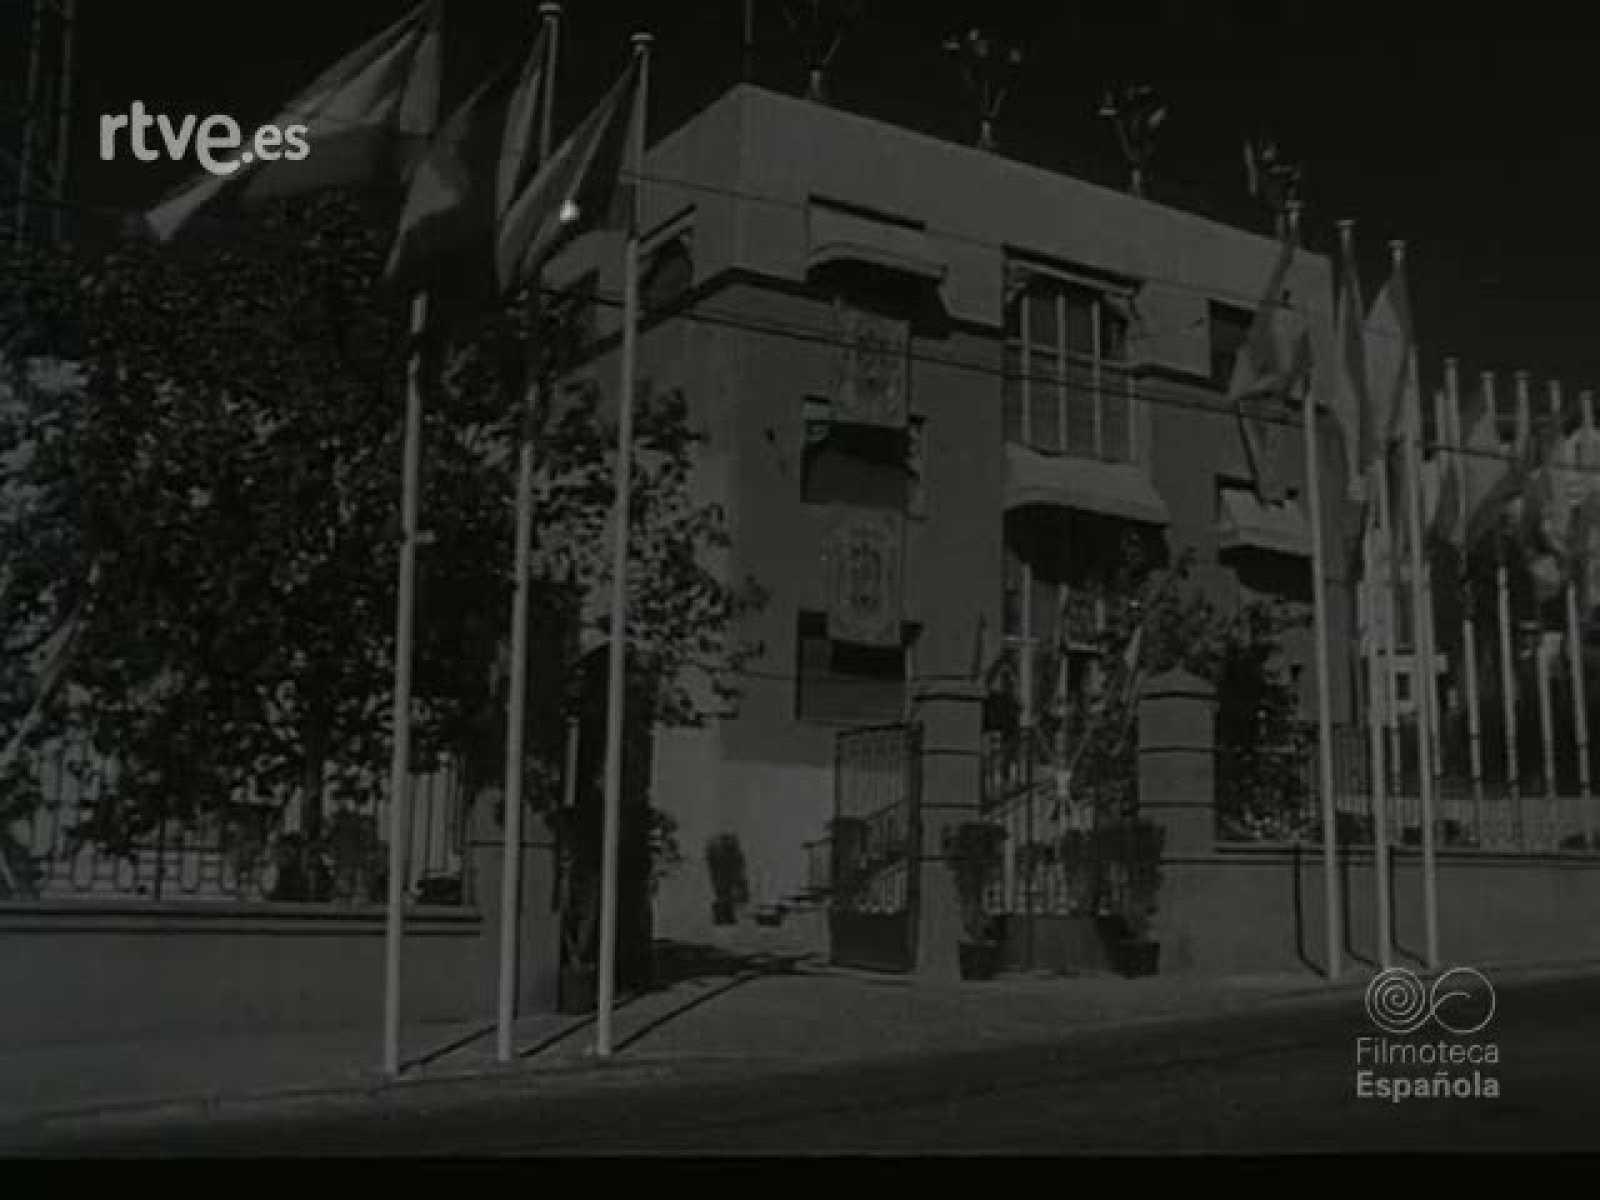 Historia de TVE - Inaguración emisiones de TVE